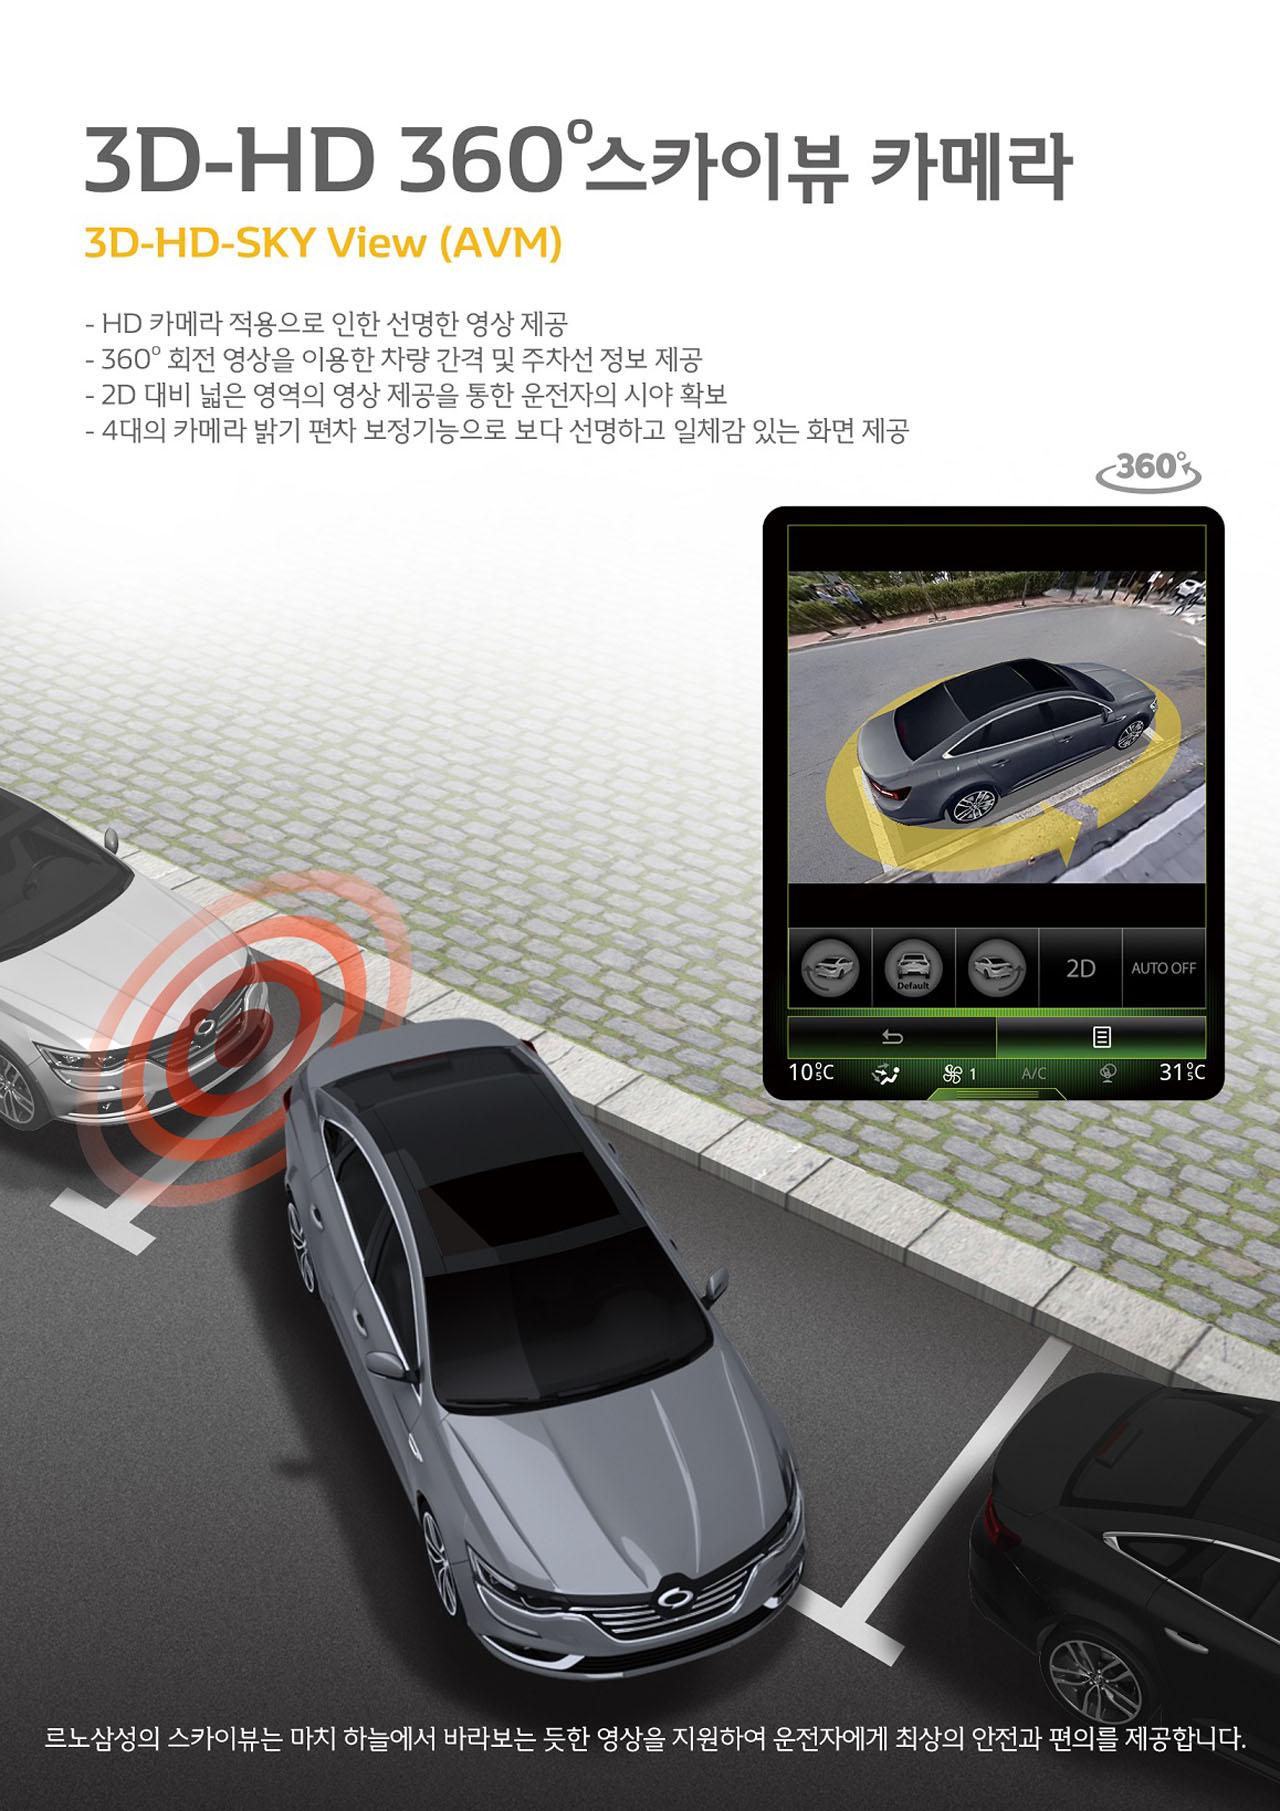 사진01_SM6 전용 고성능 3D-HD 360 스카이뷰 카메라